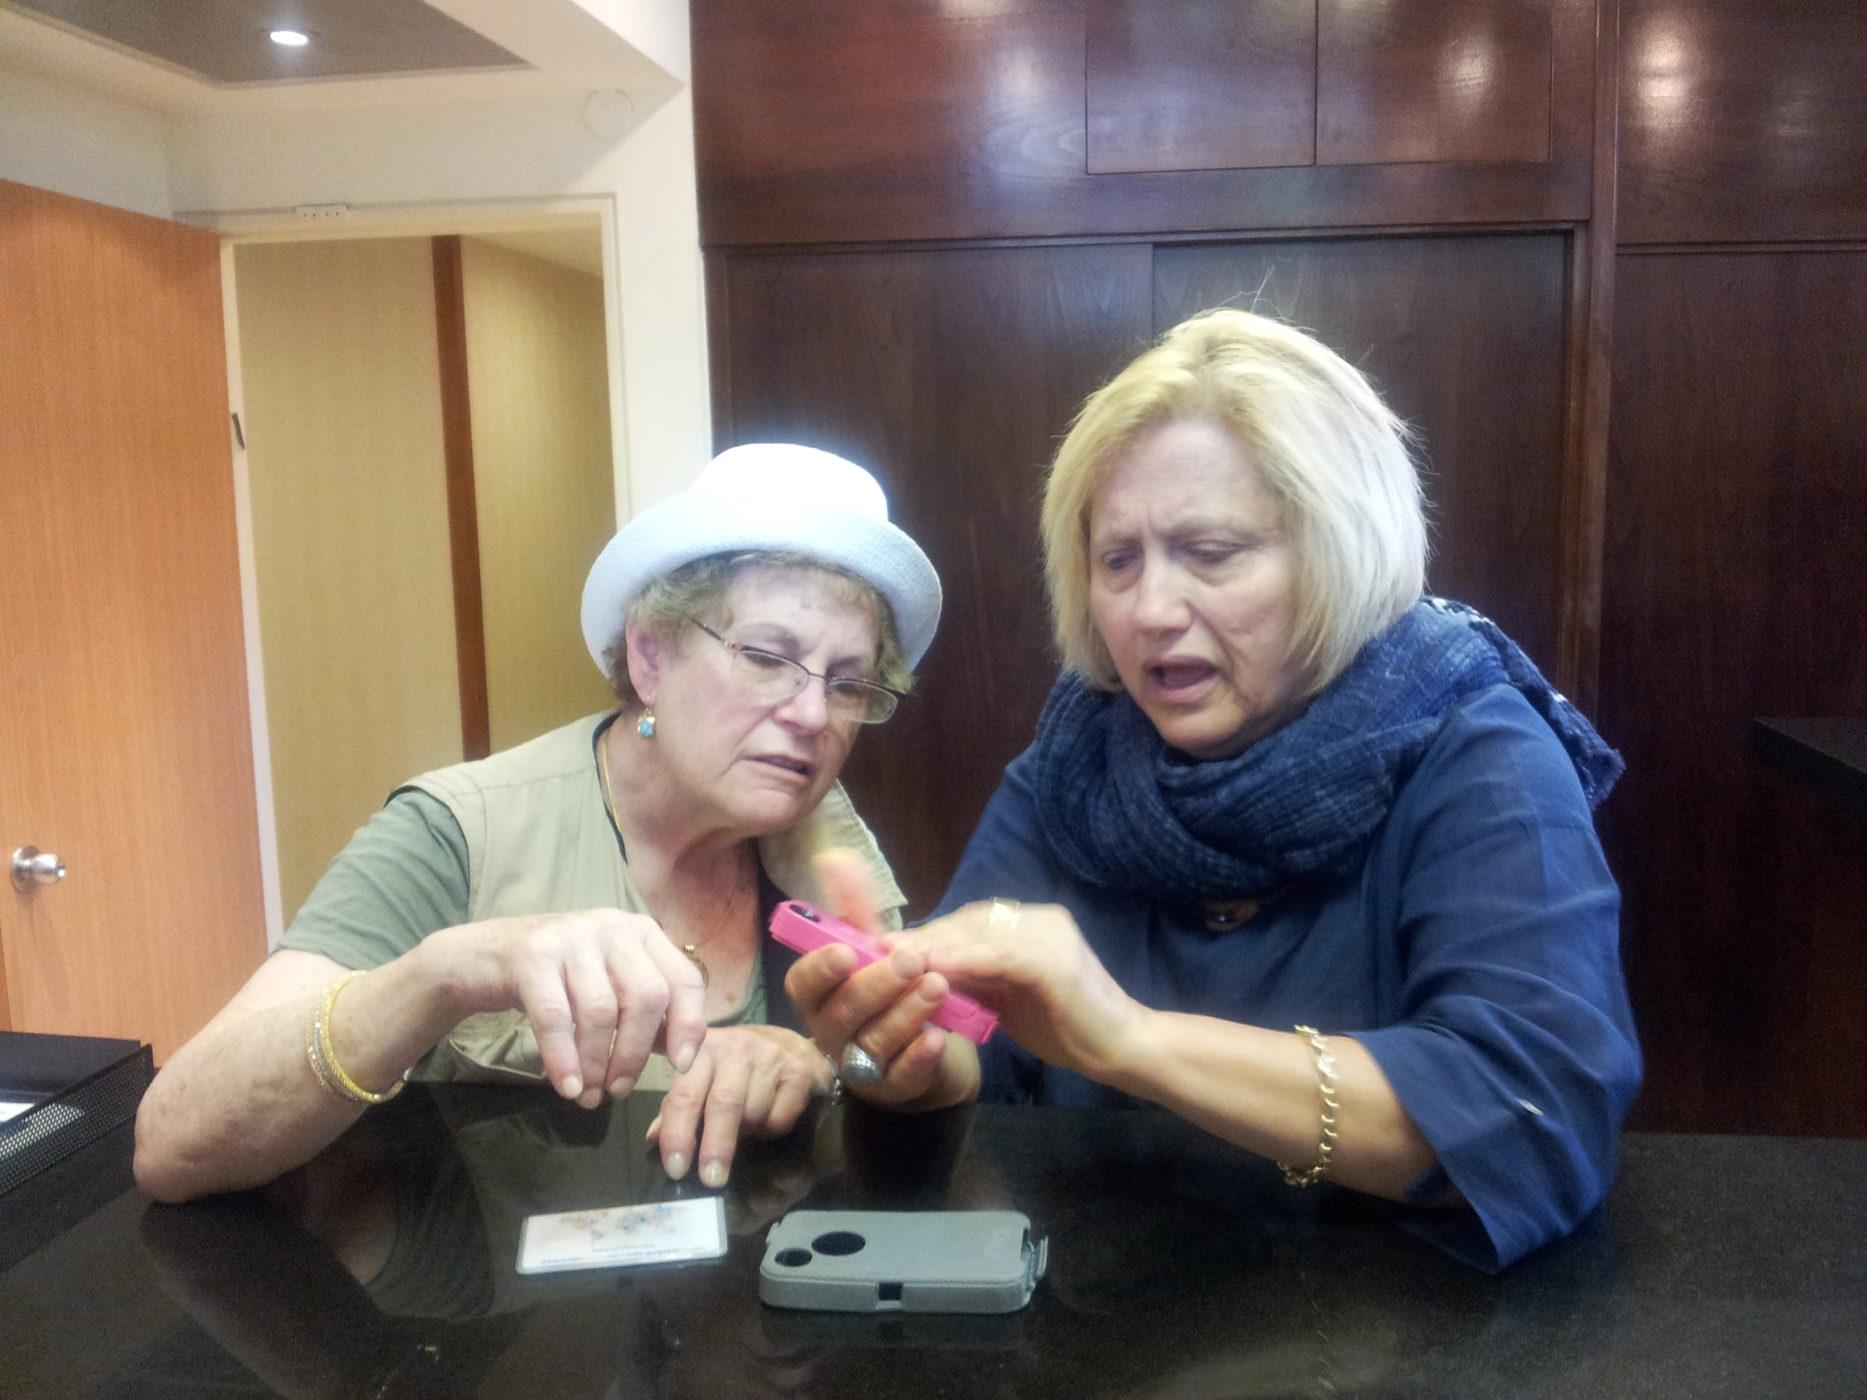 שם השולח: שלומית פרבר. ההתמודדות עם הדיגיטליות קשה לאנשים מבוגרים שחייהם עוברים שינוי דרסטי בעקבות העולם הדיגיטלי.